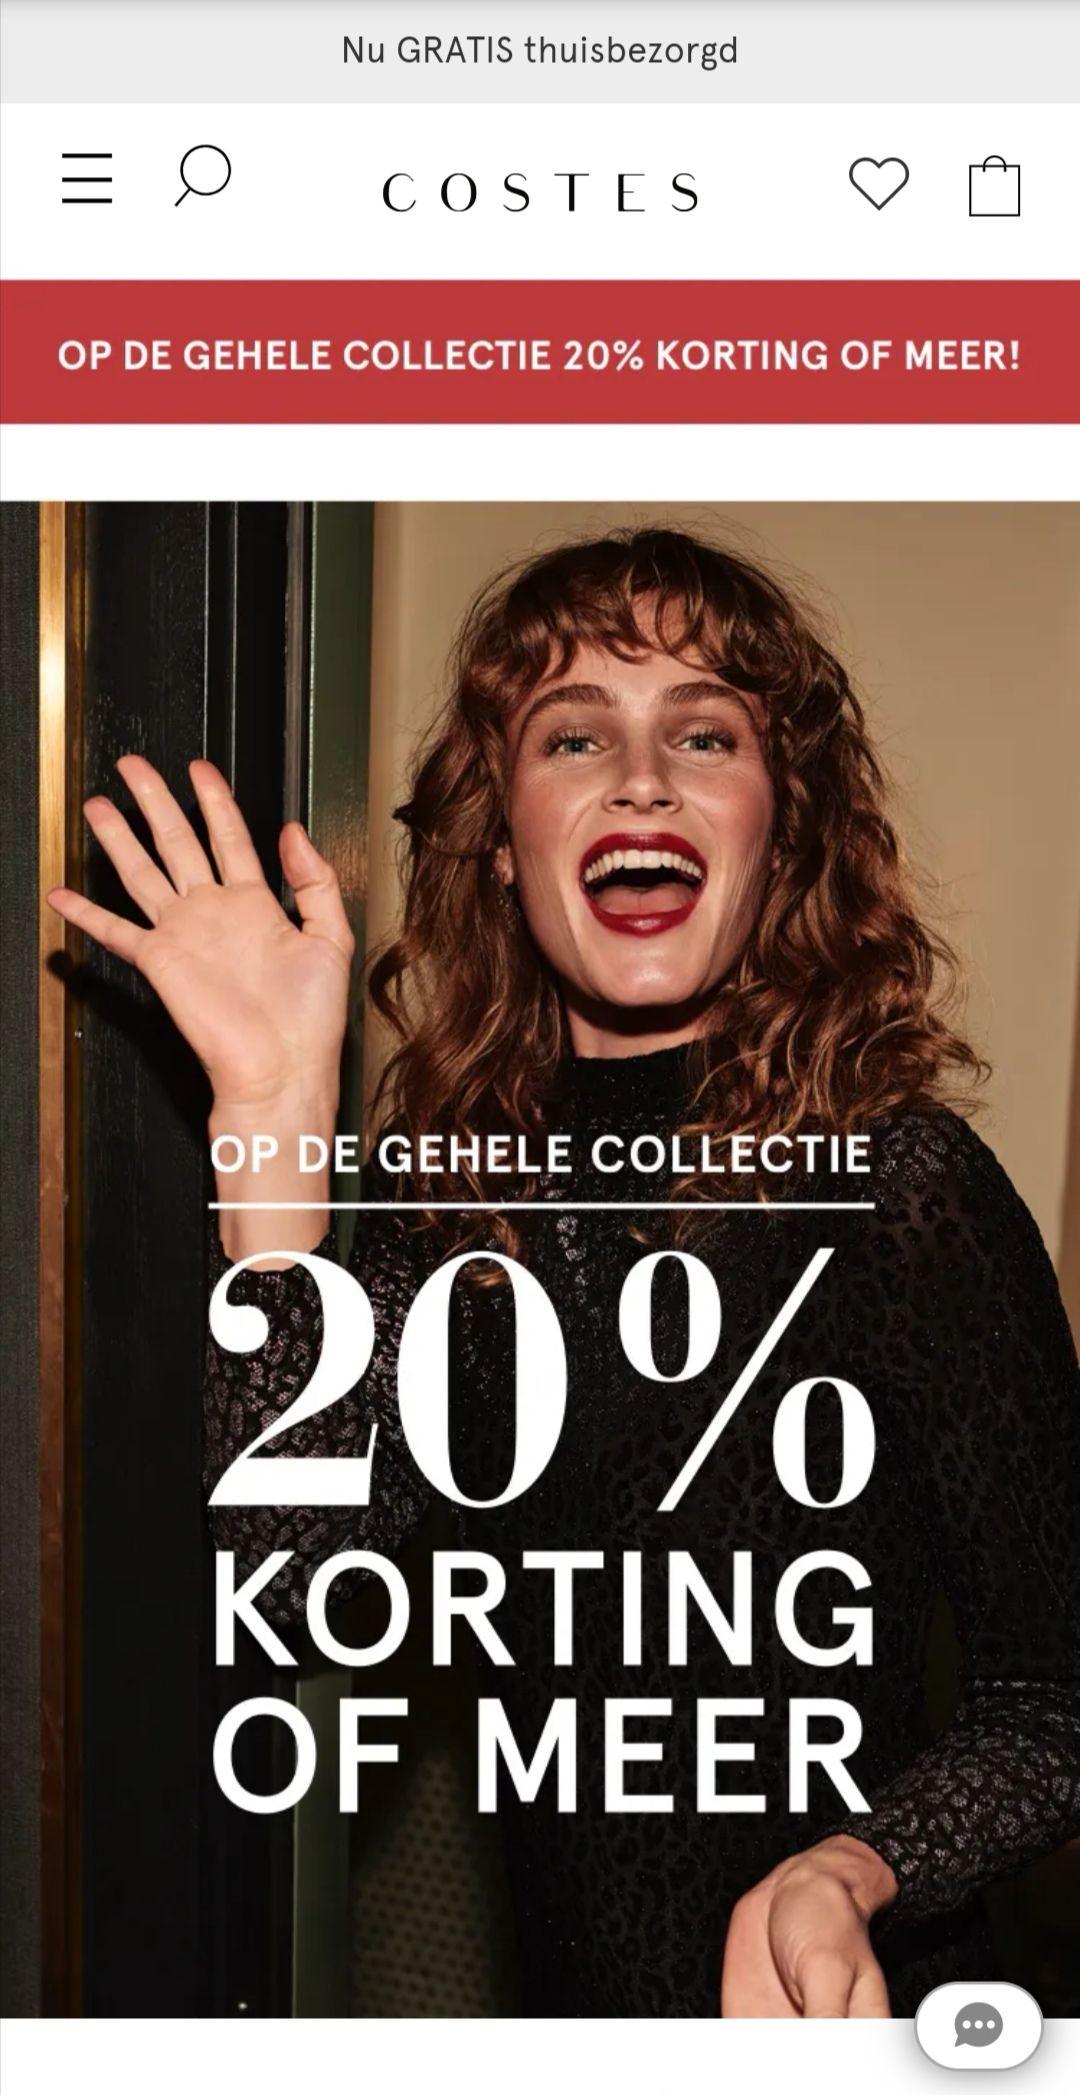 20% korting op gehele collectie van Costes